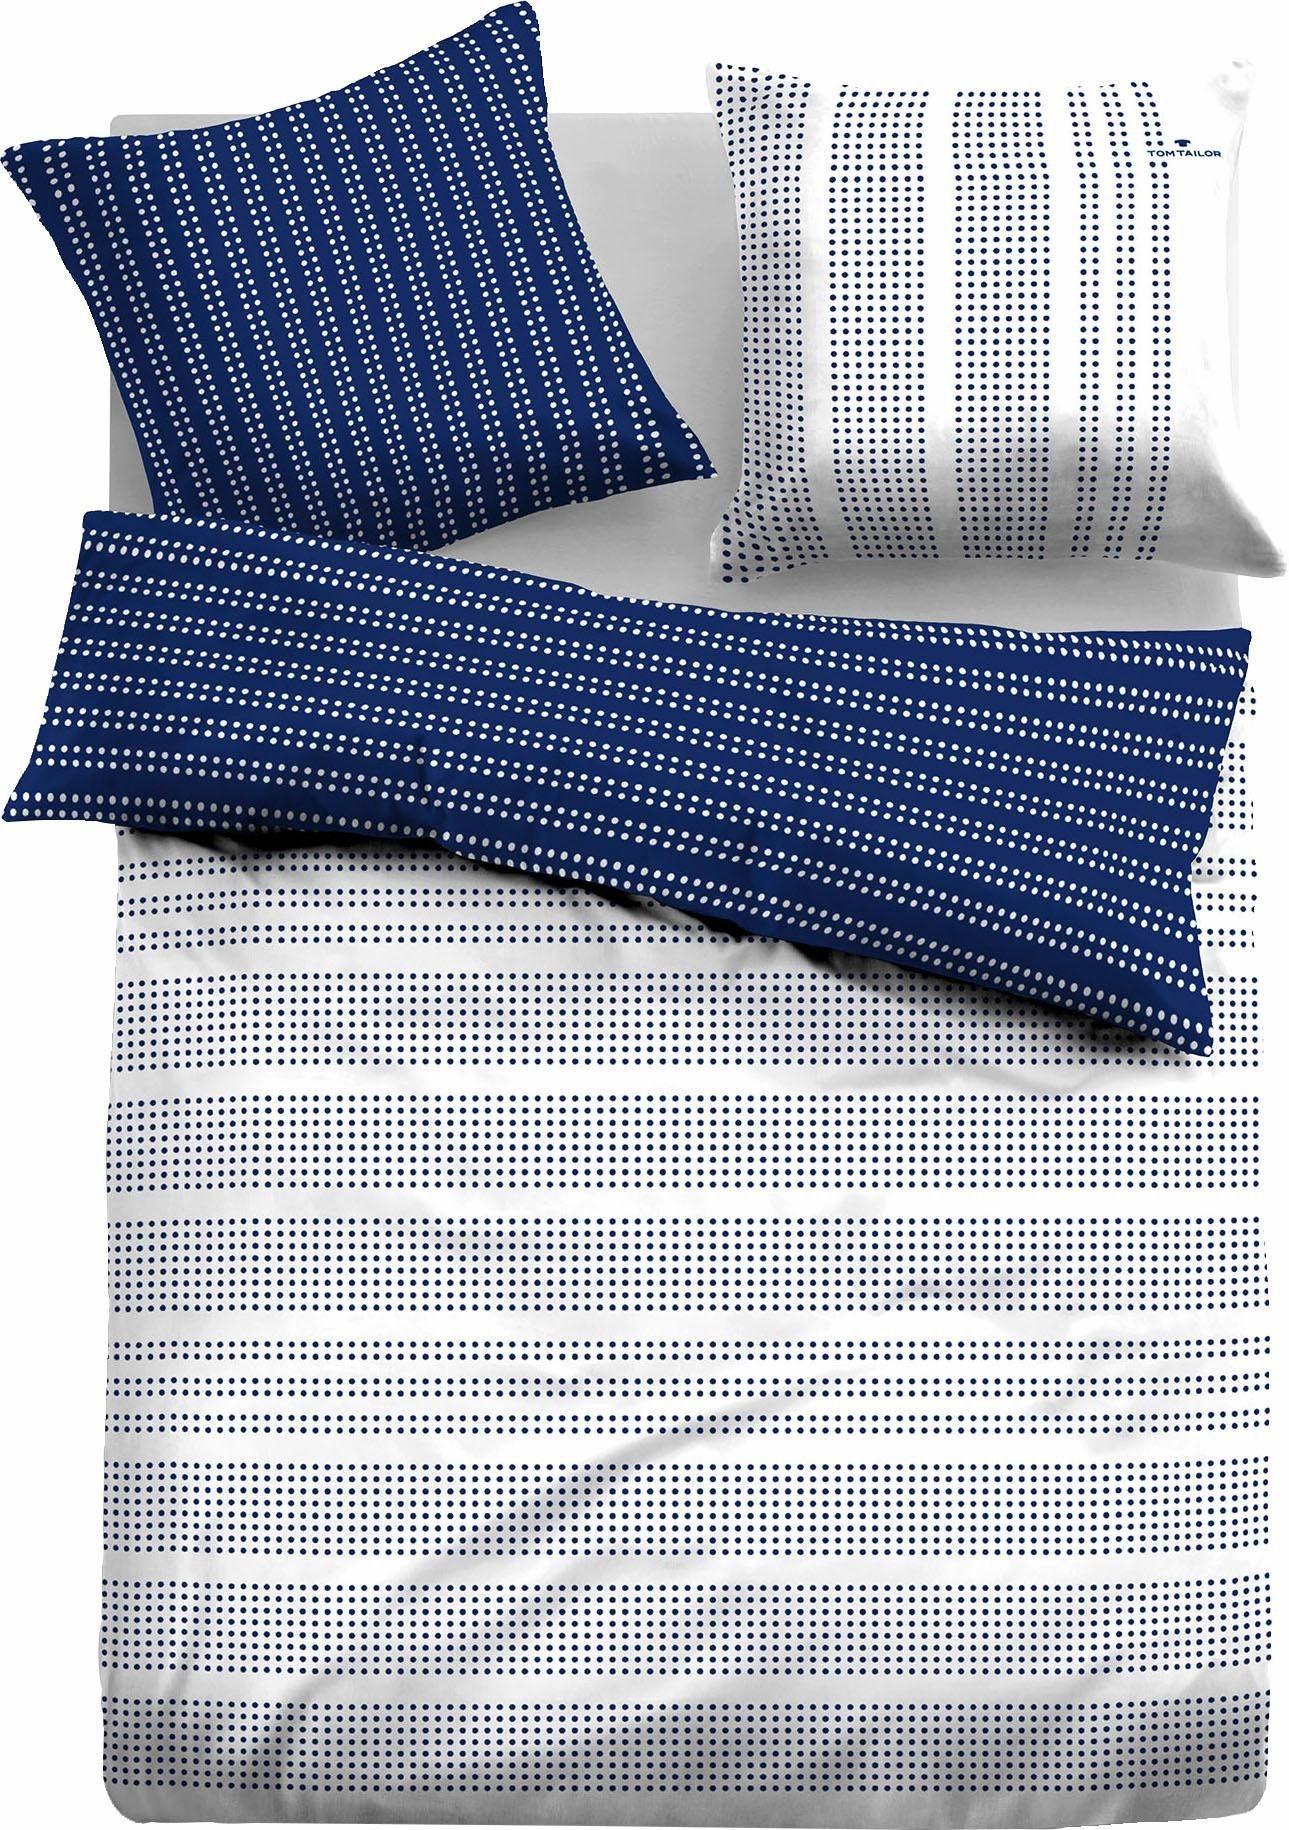 servietten mit punkten preisvergleich die besten angebote online kaufen. Black Bedroom Furniture Sets. Home Design Ideas